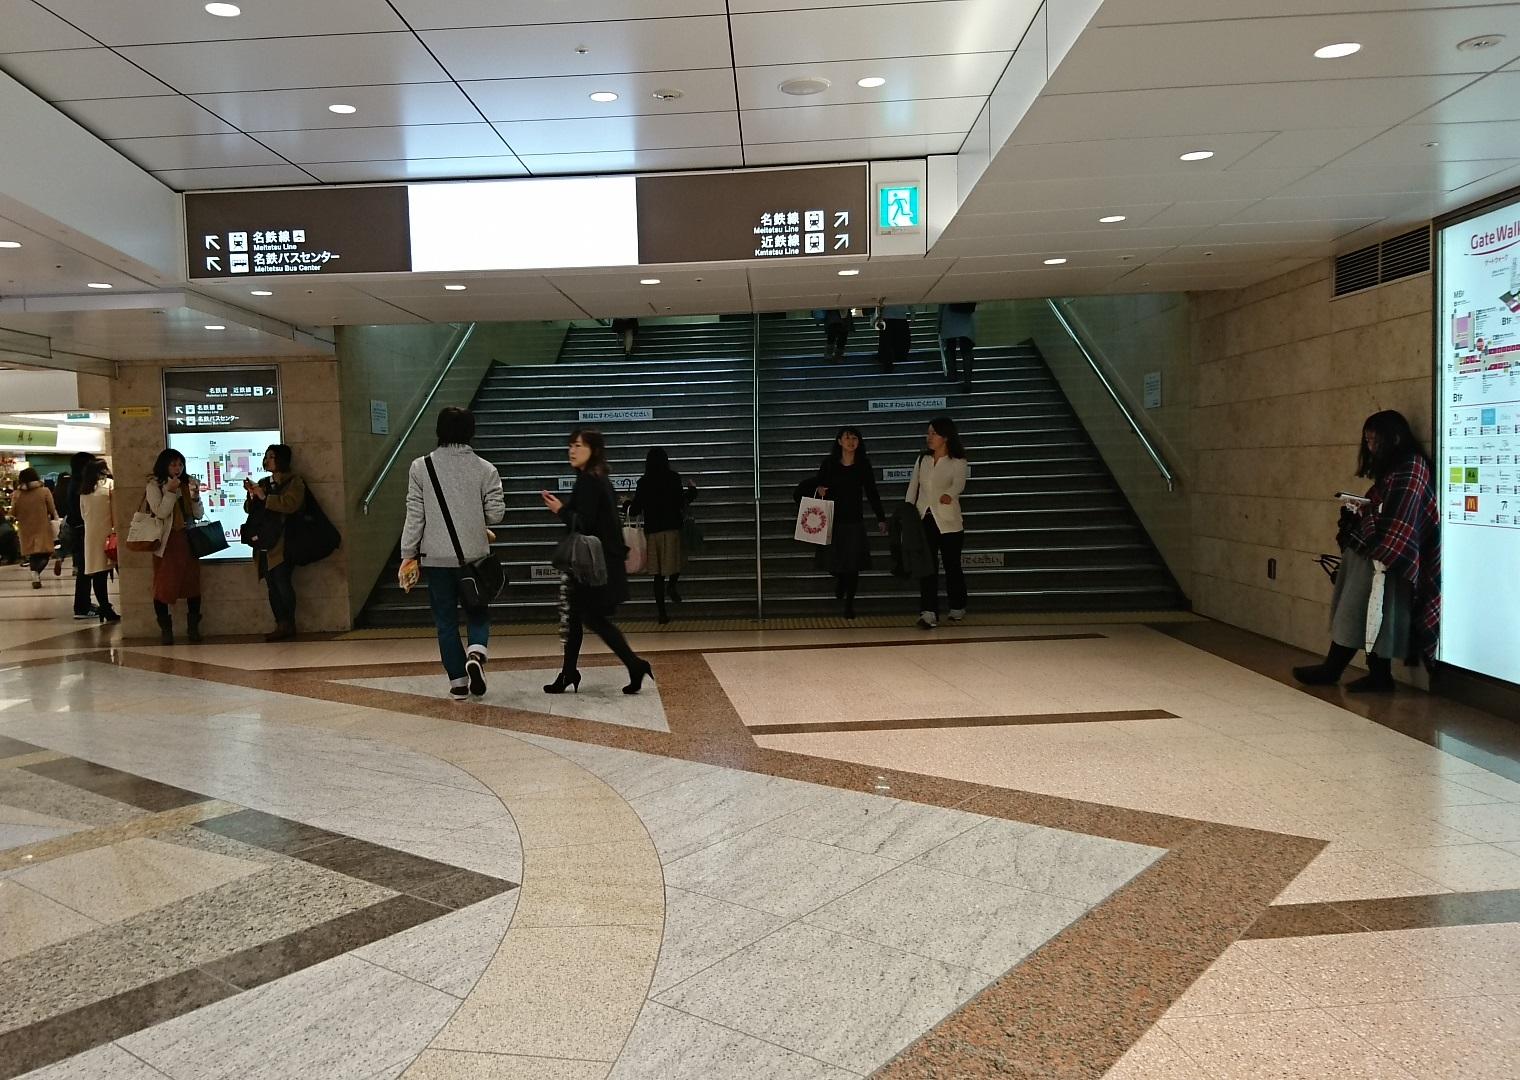 2016.11.27 名鉄名古屋 (1) 地下街からきたかいさつぐちにあがる階段